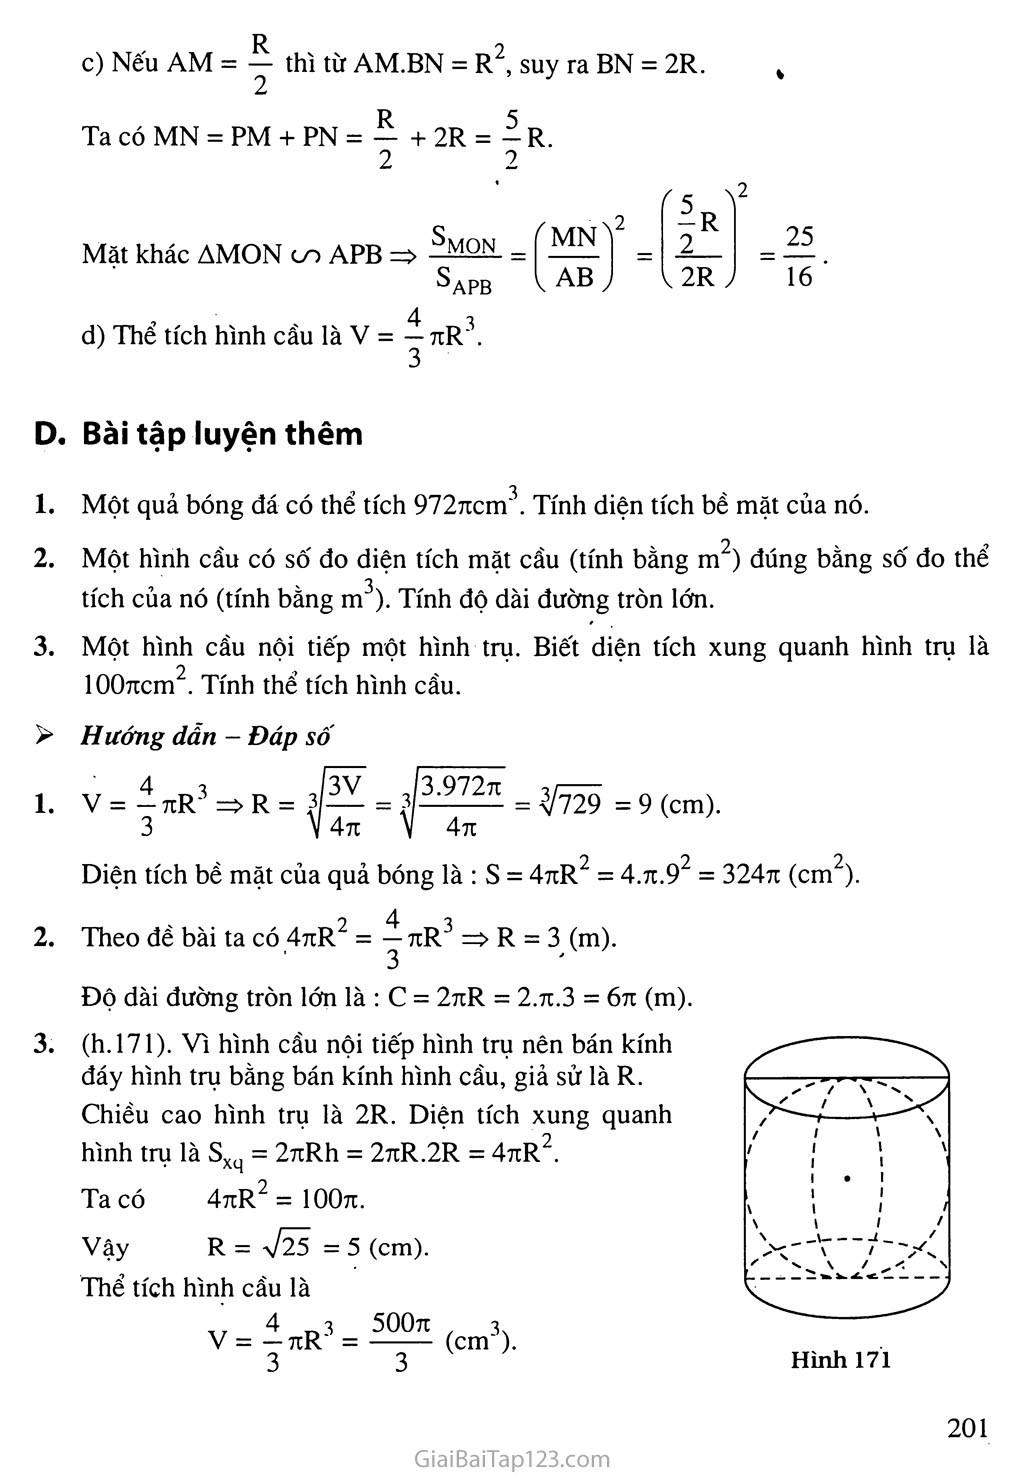 Bài 3. Hình cầu - Diện tích mặt cầu và thể tích mặt cầu trang 4